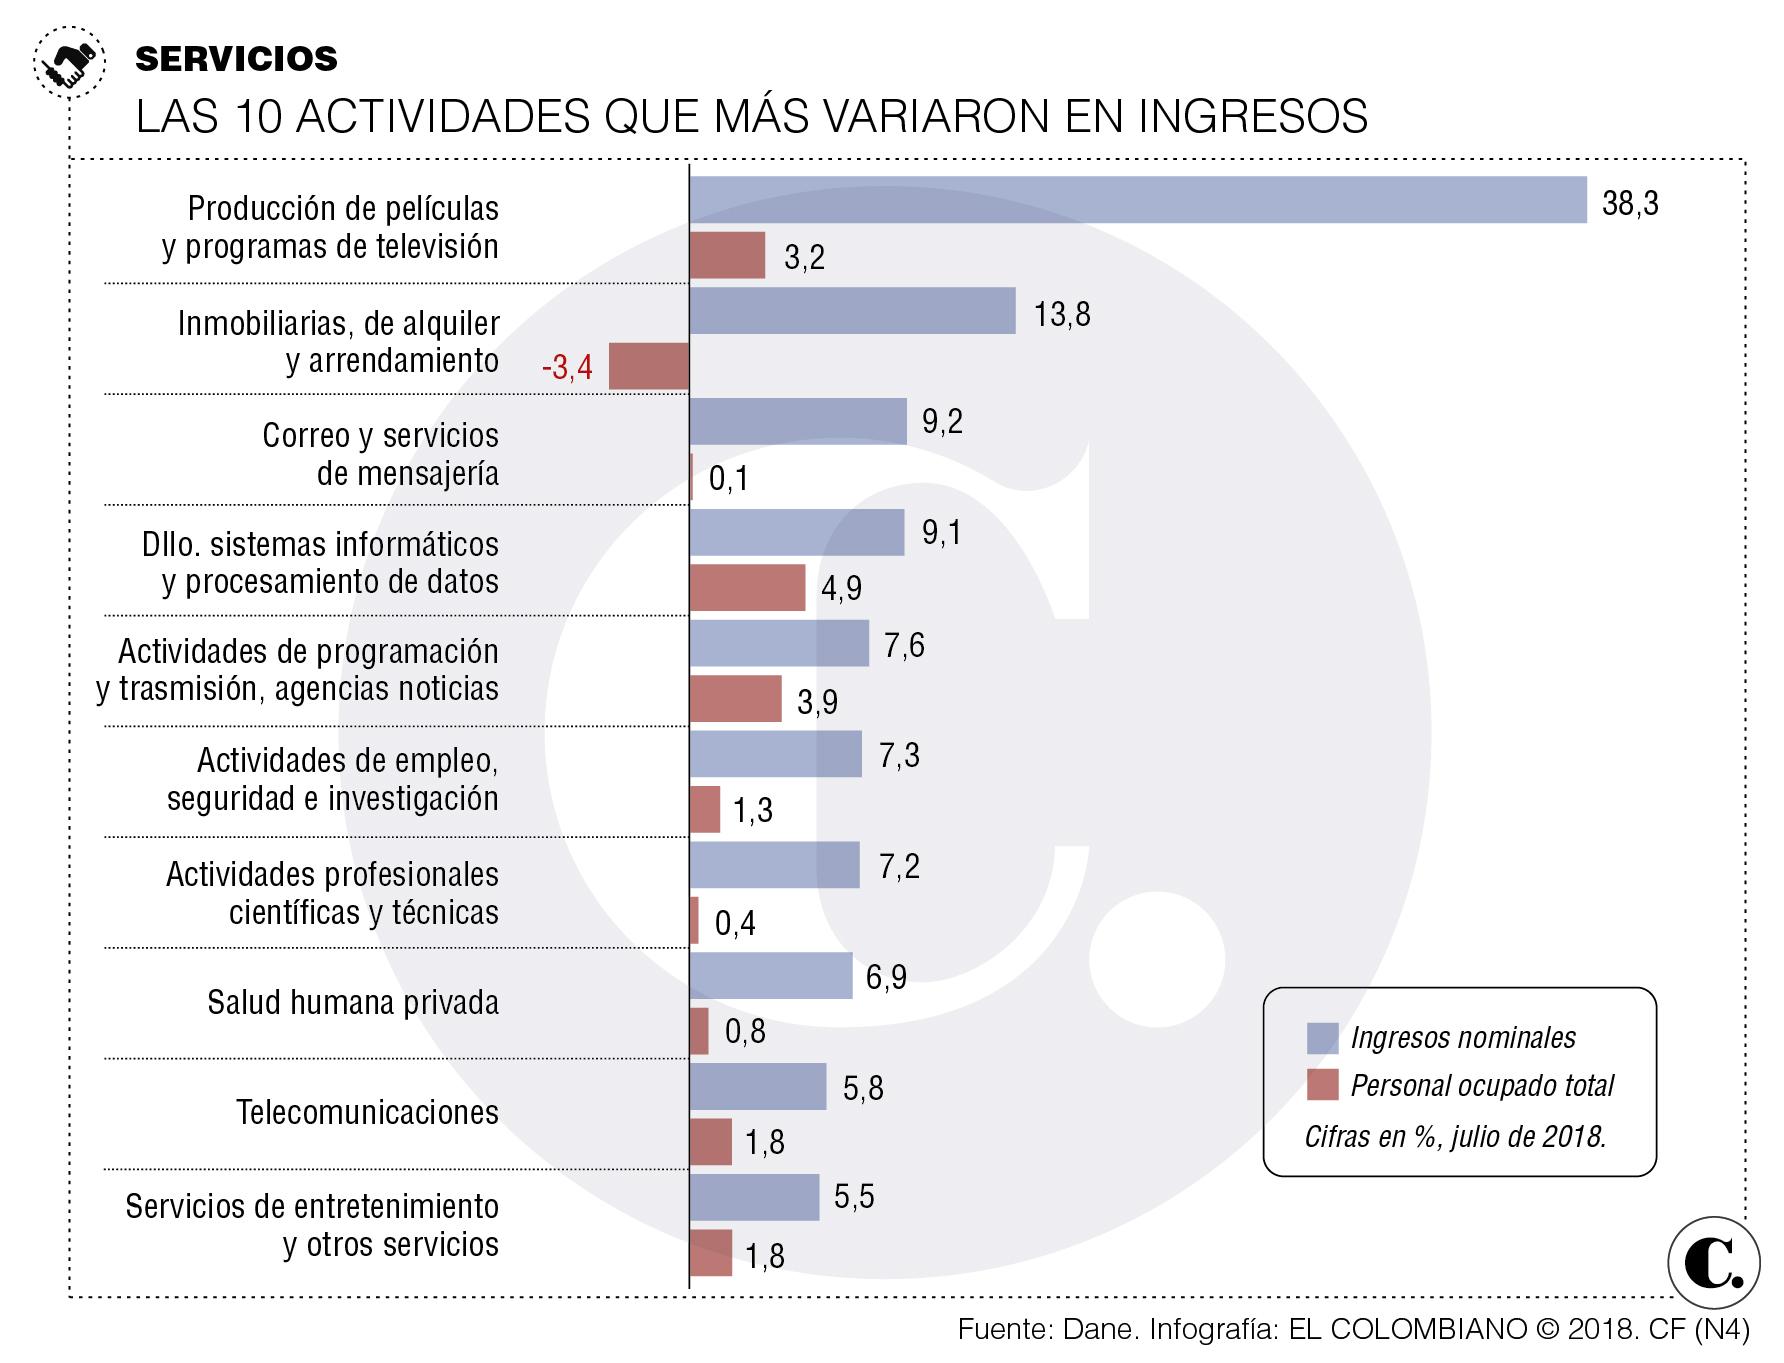 Ingresos de servicios en Colombia, julio 2018